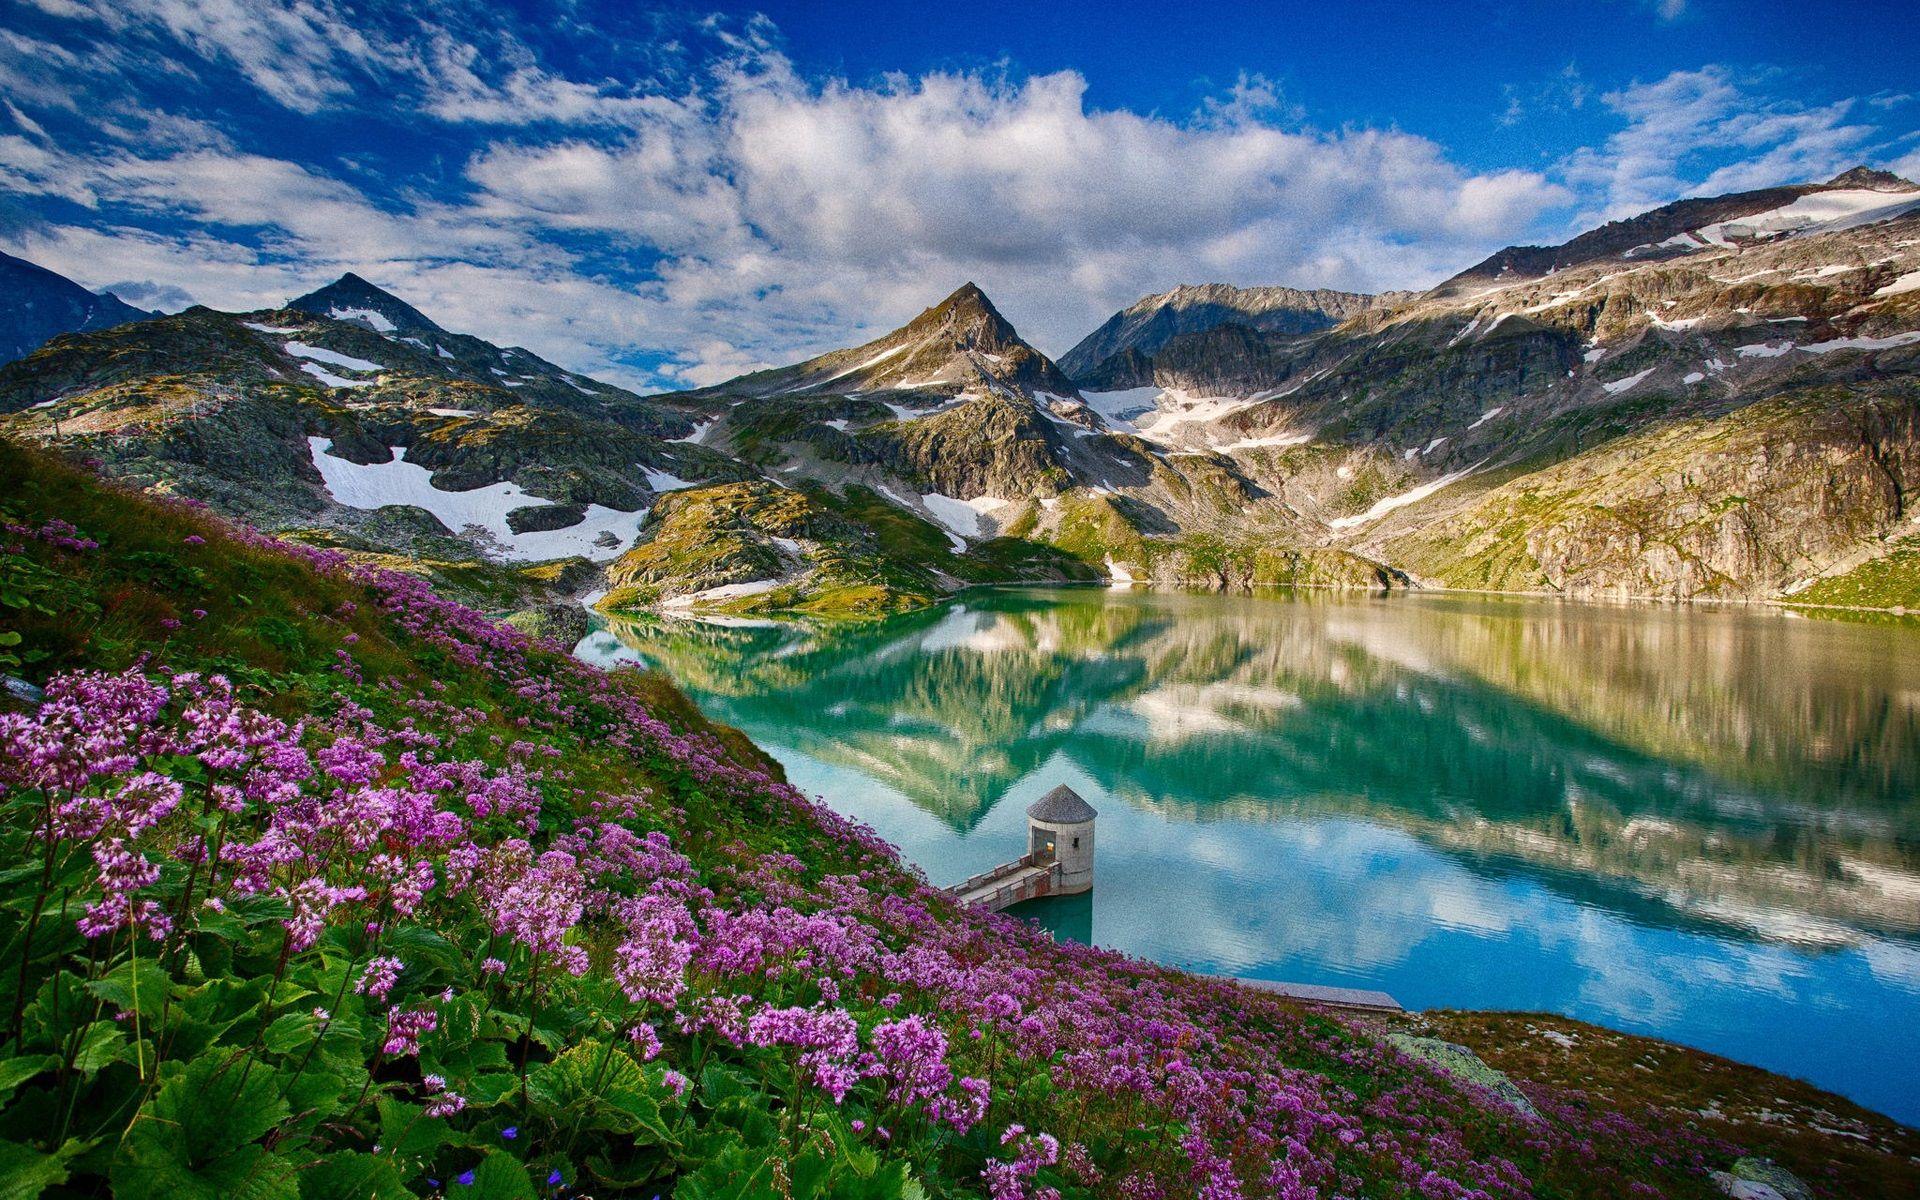 Spring Landscape Wallpaper Desktop For Desktop 1920x1200 Px 1 08 Mb Landscape Wallpaper Spring Landscape Beautiful Nature